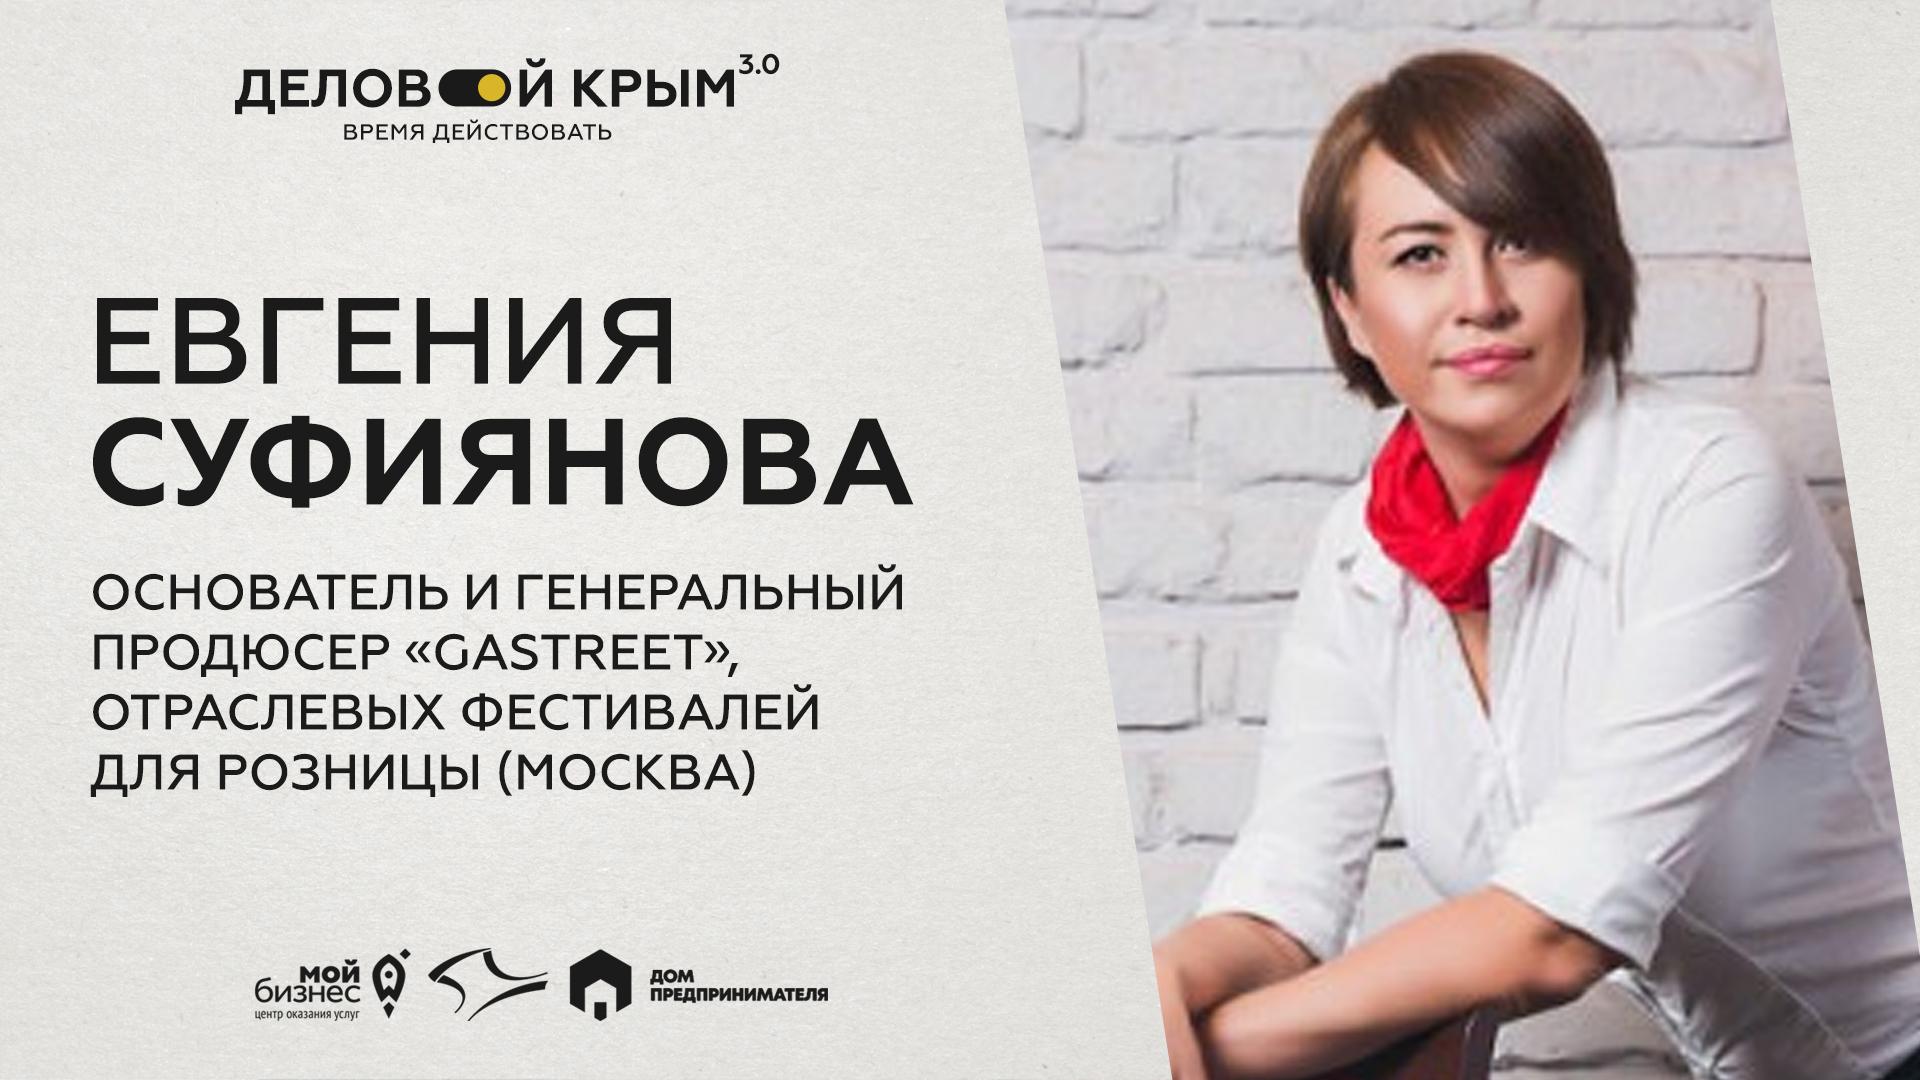 Евгения Суфиянова спикер форума деловой крым